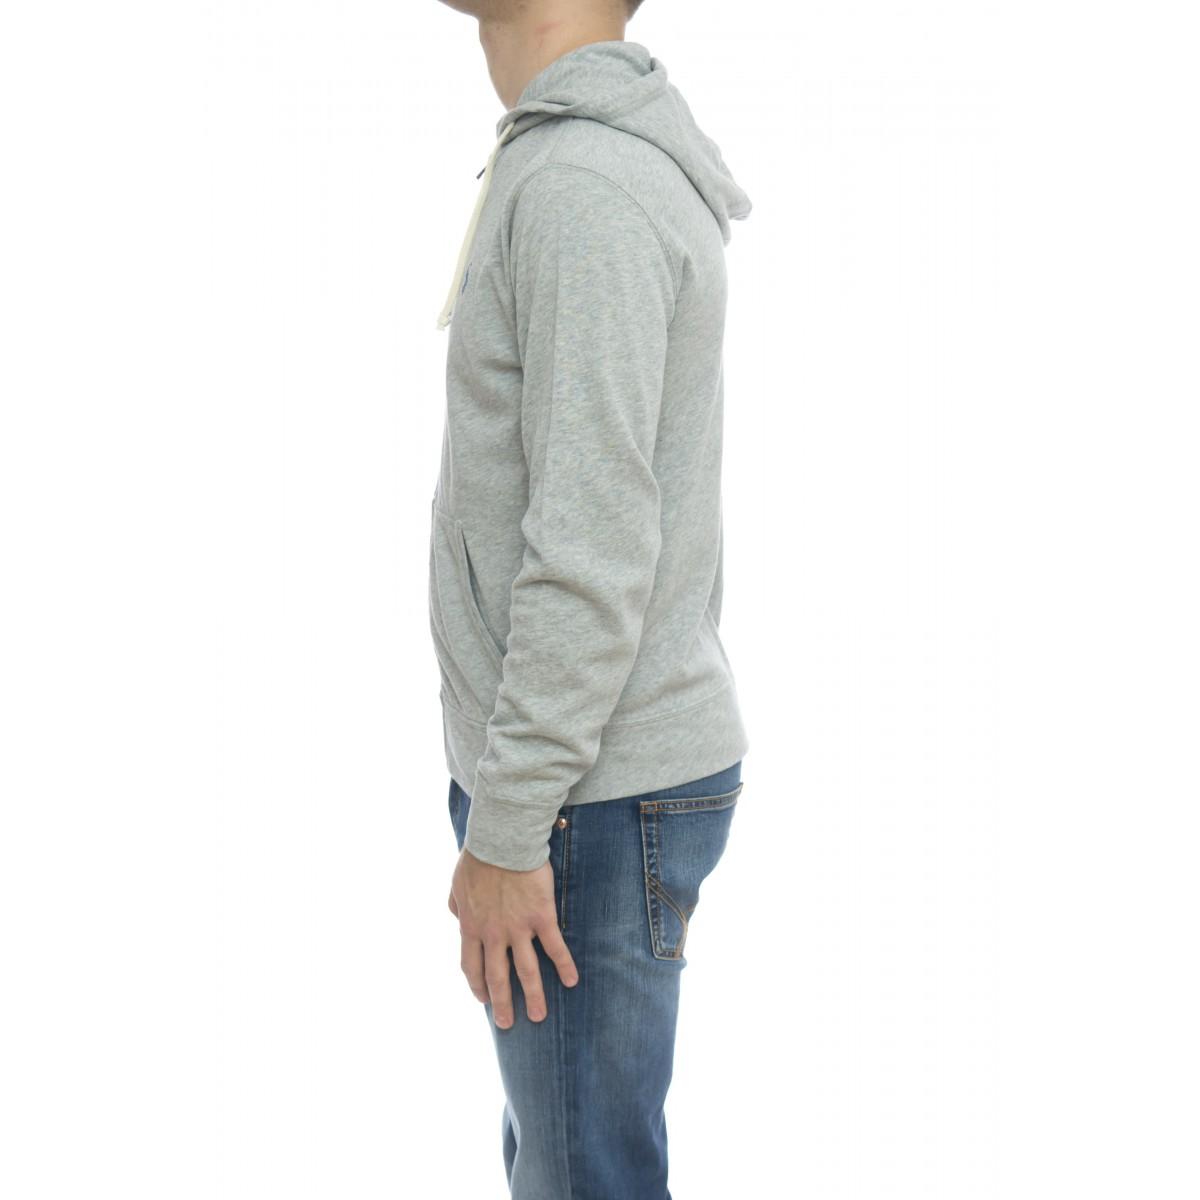 Felpa uomo - 706348 felpa aperta cappuccio leggera